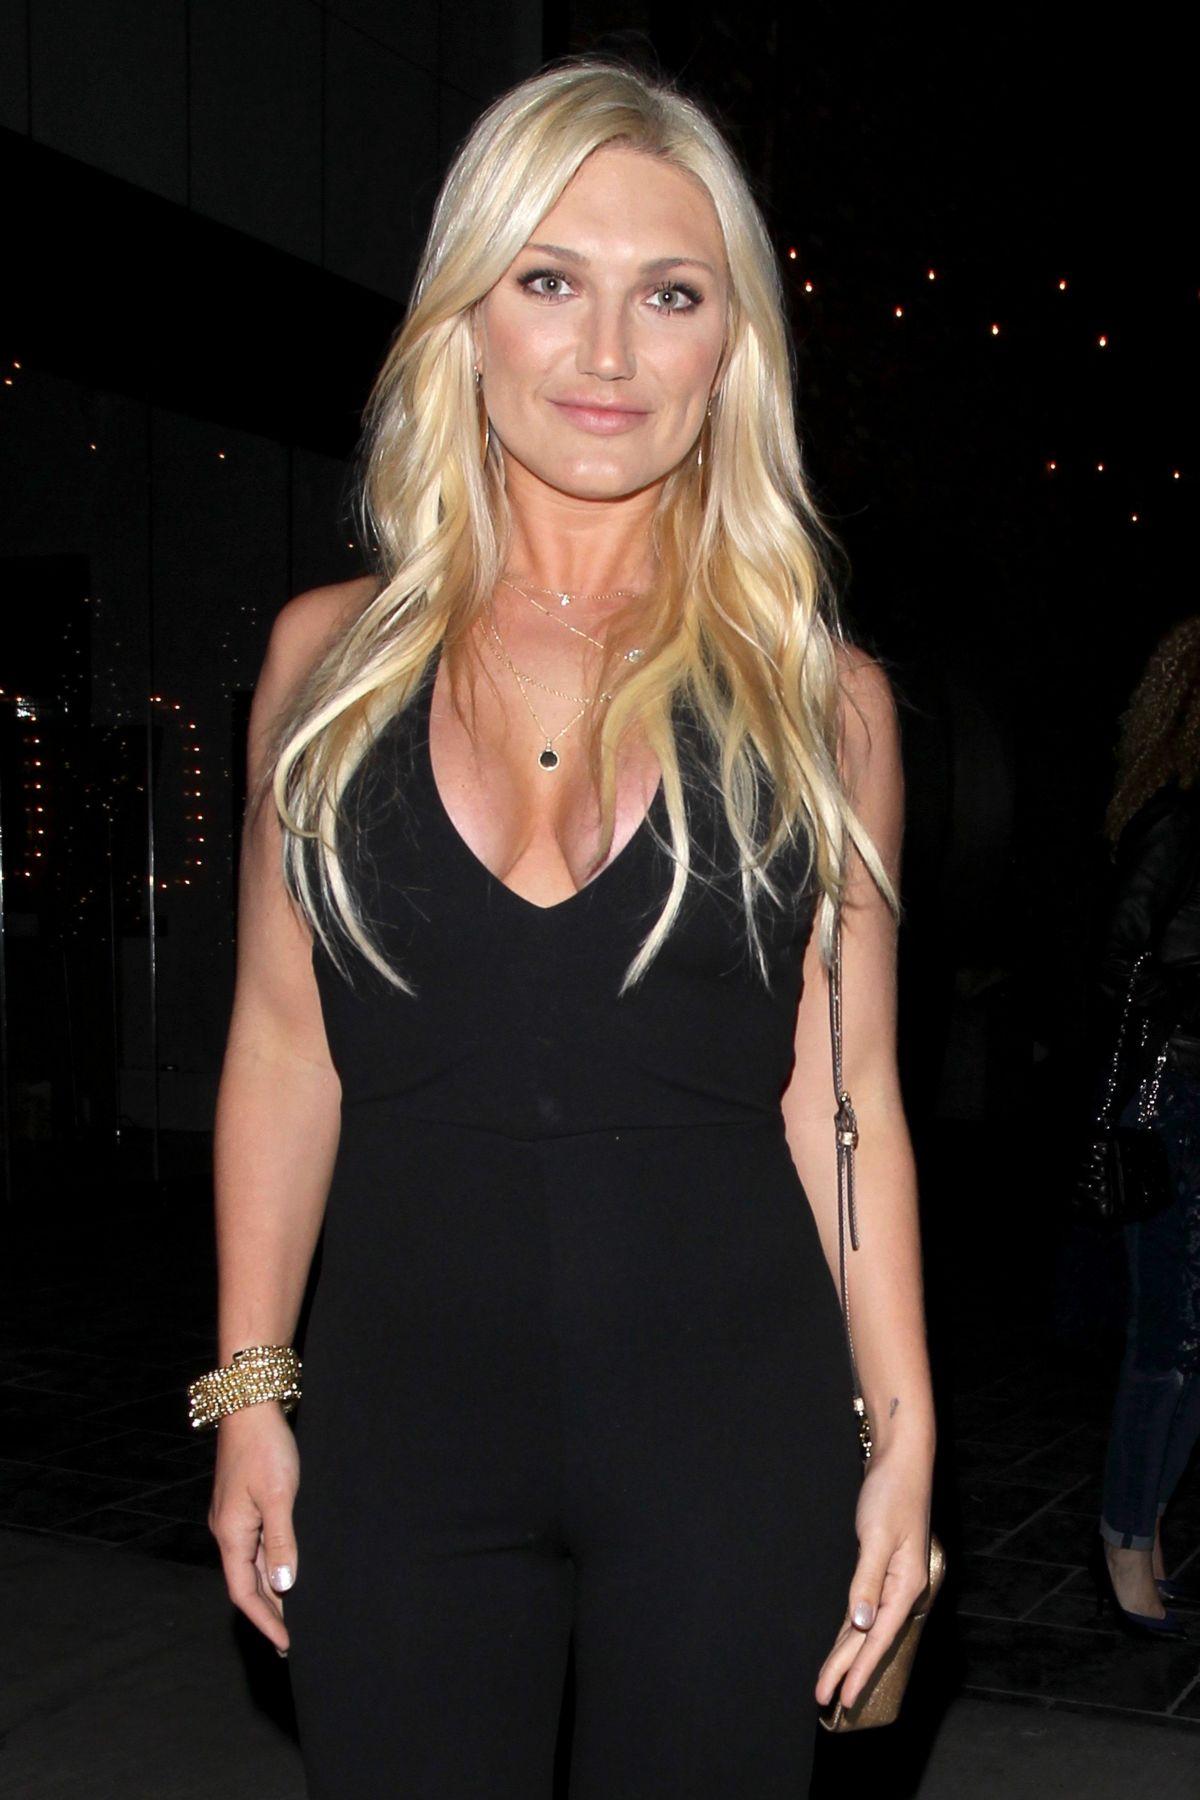 BROOKE HOGAN at Avenue Nightclub in Hollywood 04/12/2017